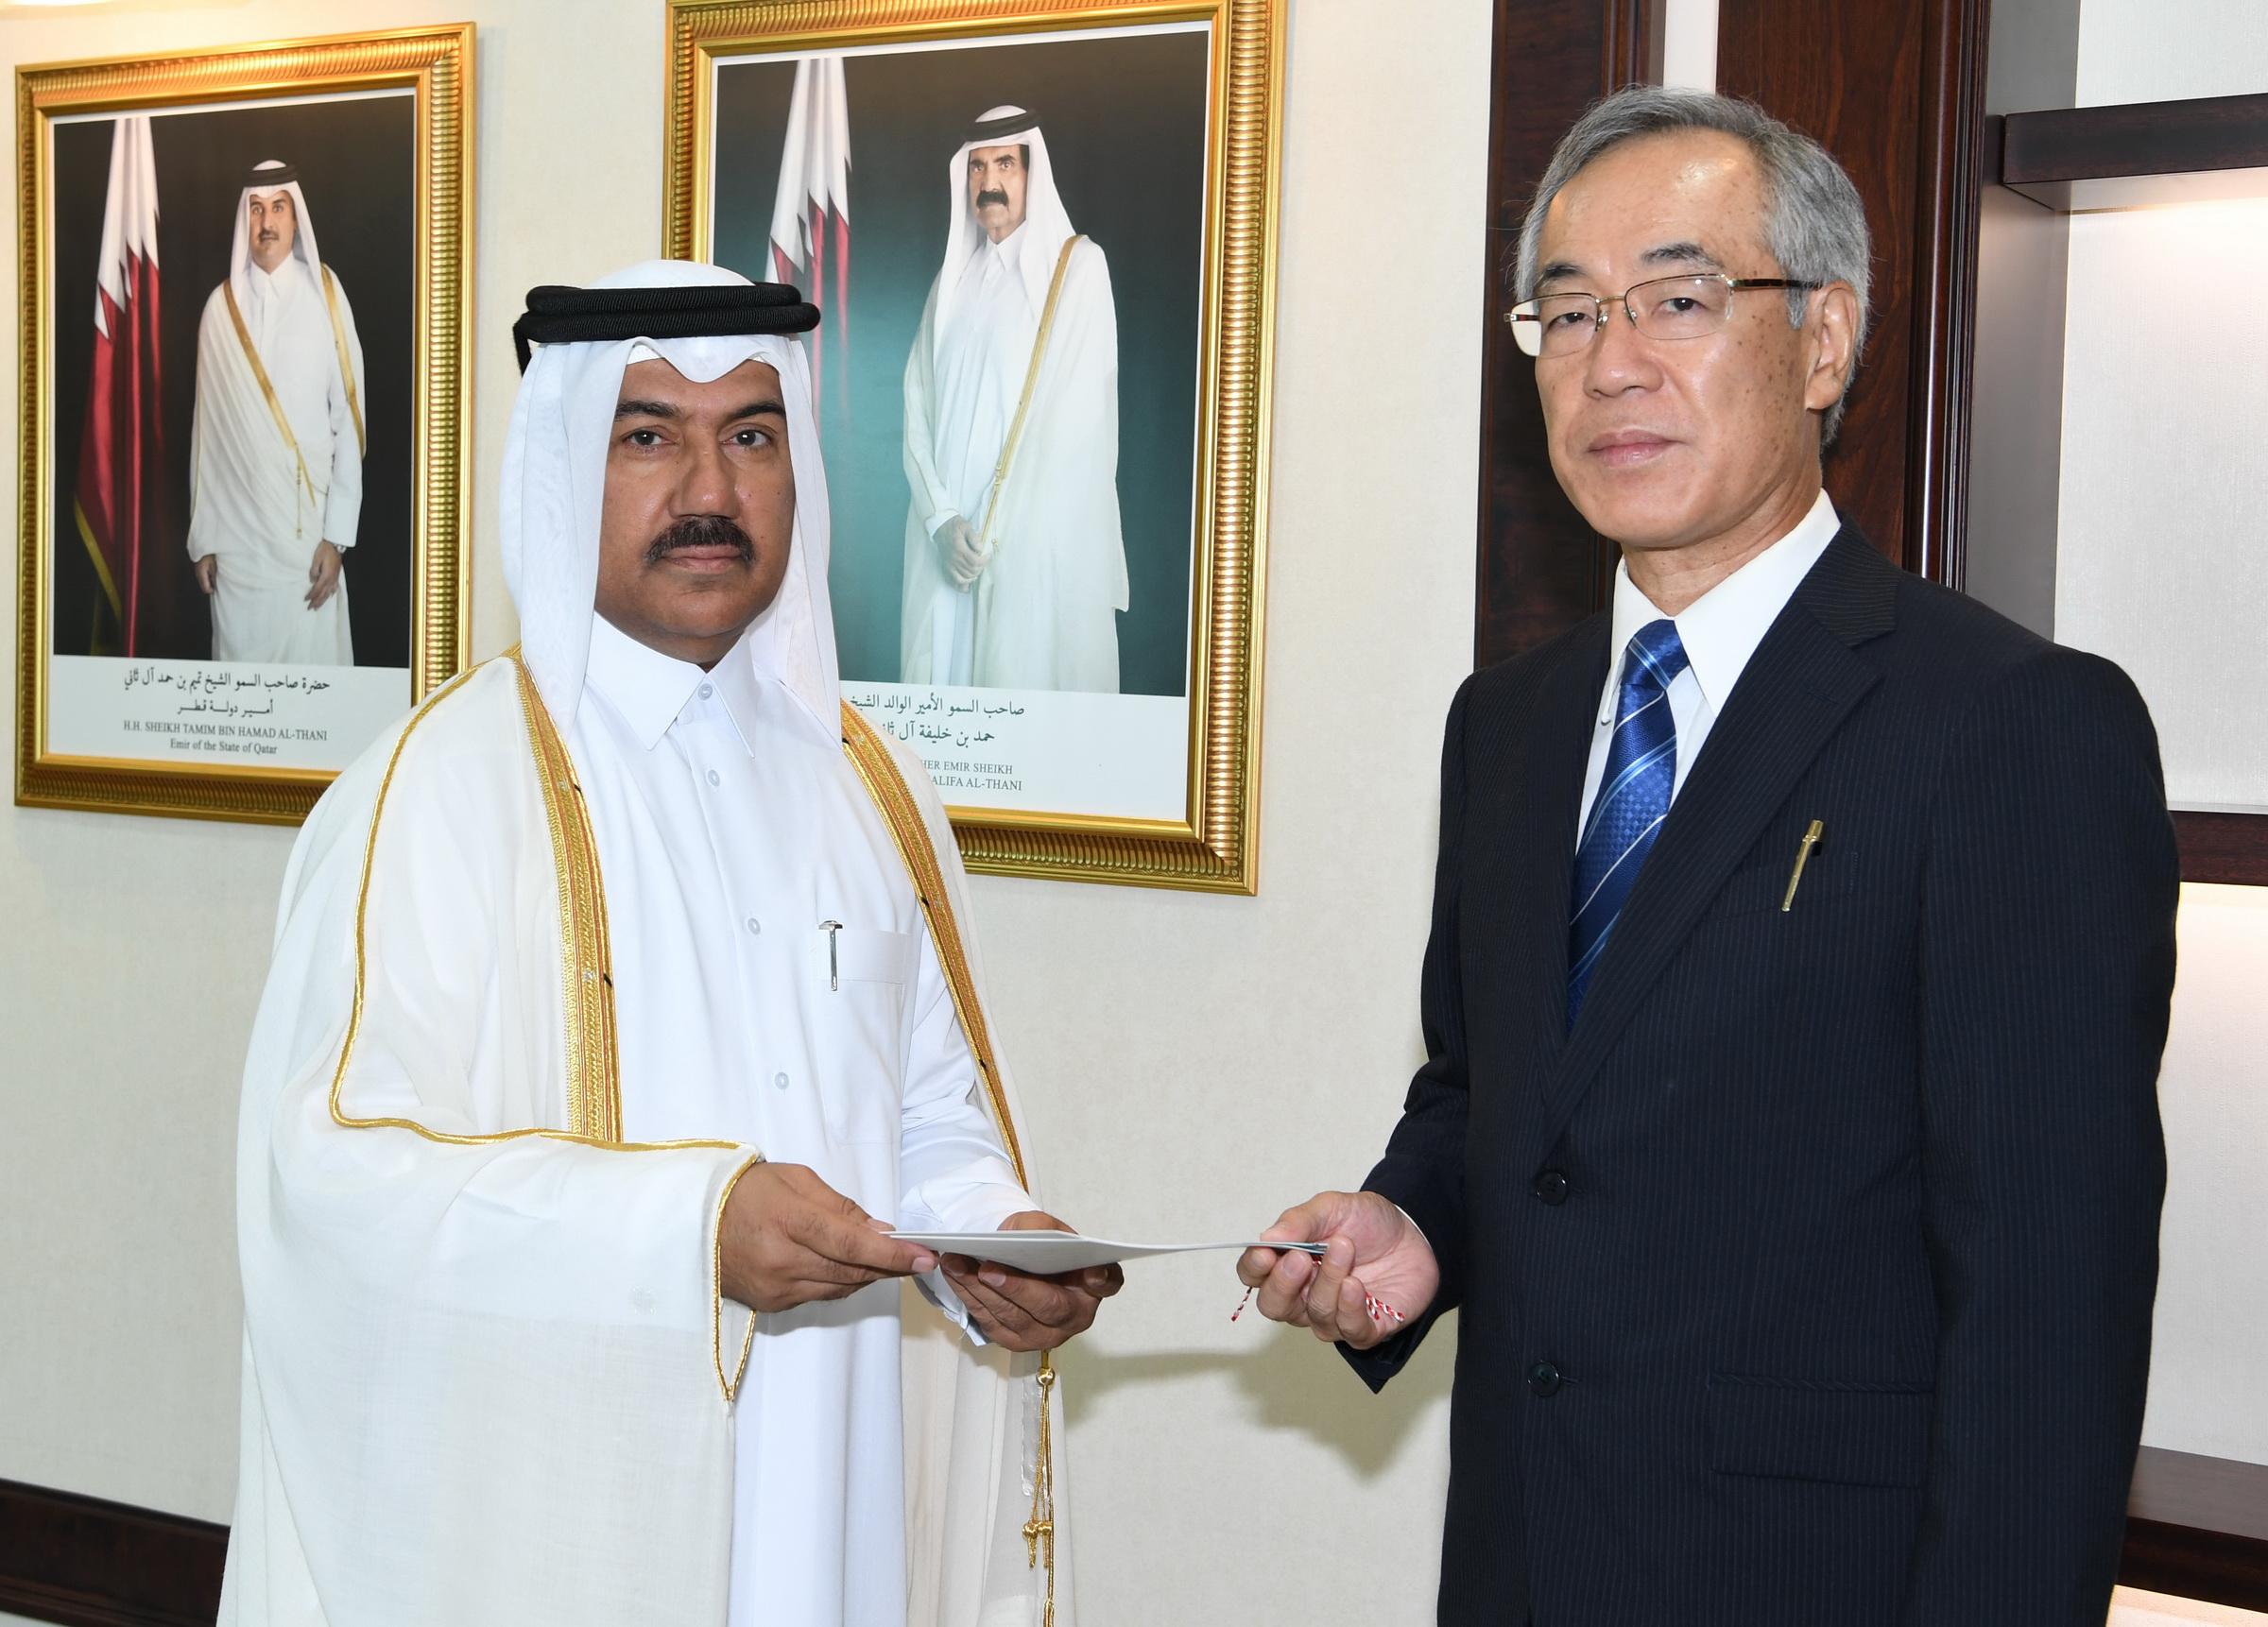 الأمين العام لوزارة الخارجية يتسلم نسخا من أوراق اعتماد عدد من السفراء